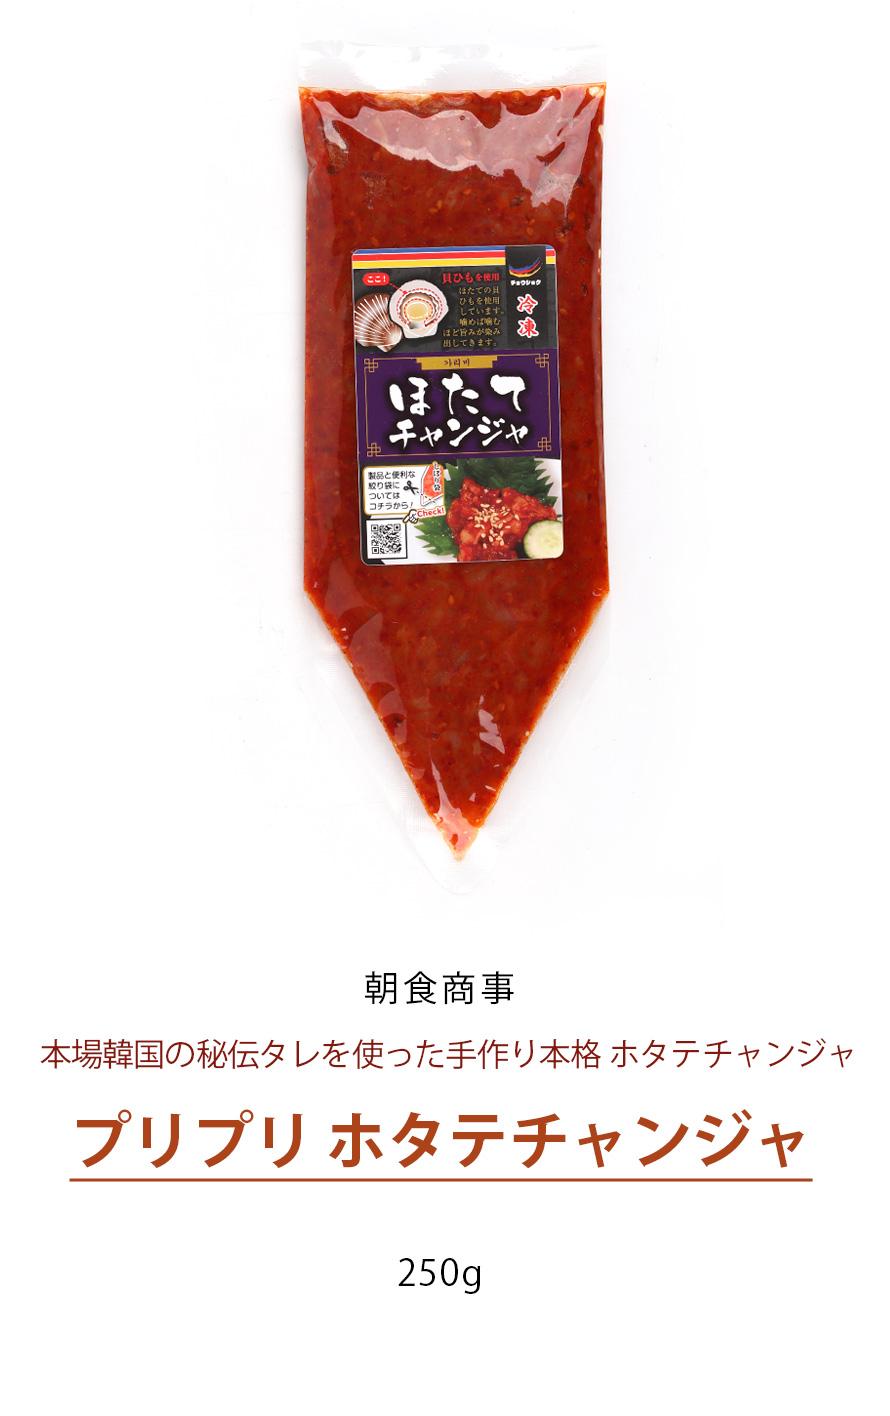 ホタテチャンジャ(絞り袋)/250g